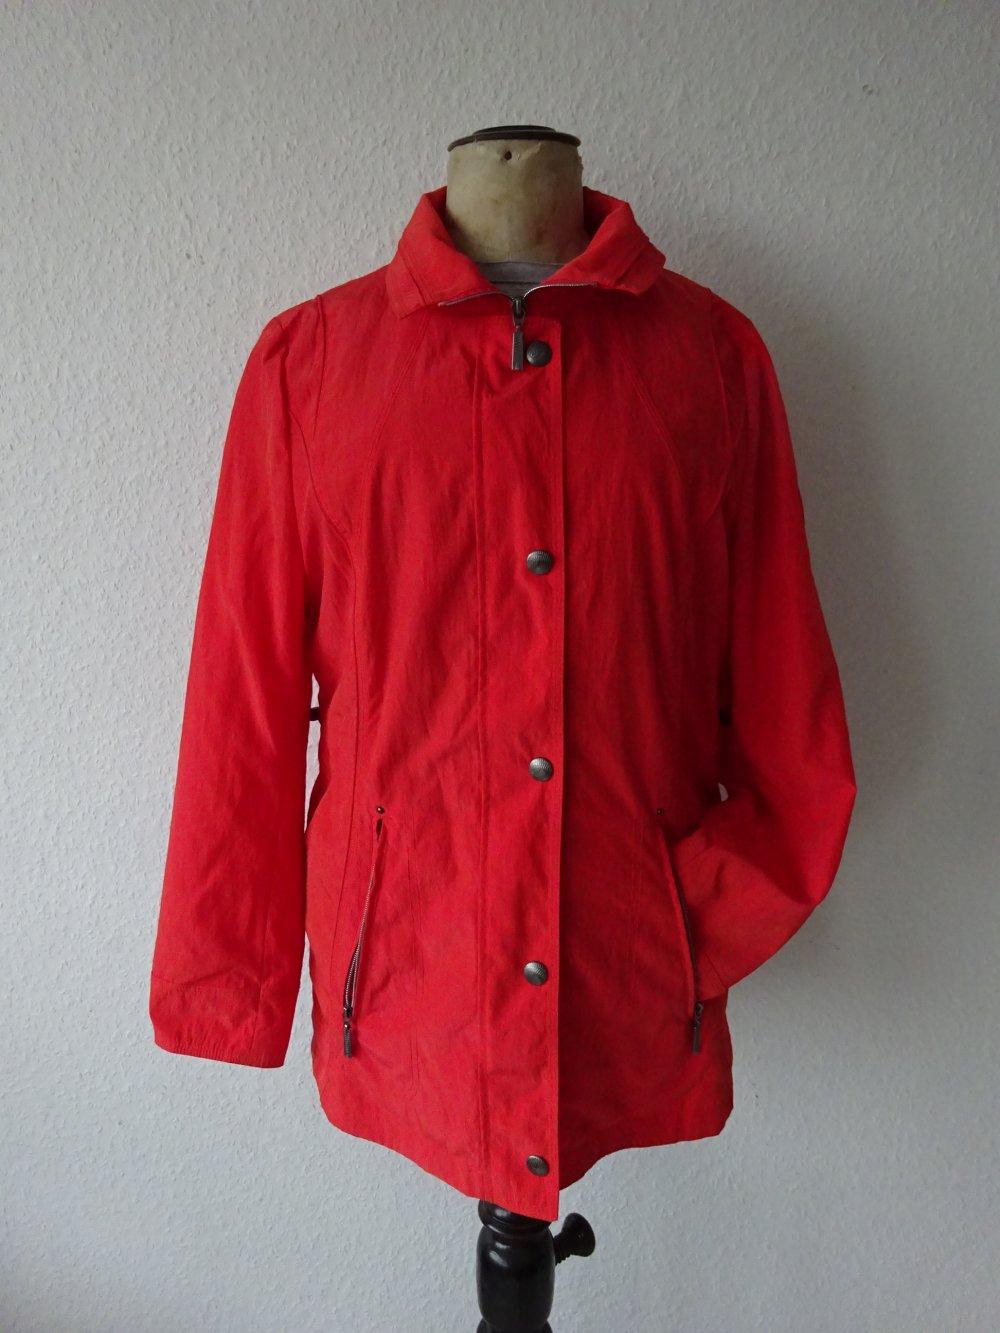 Leichte Rote Taillierte Damen Jacke Von Gina S Magenta Blazer